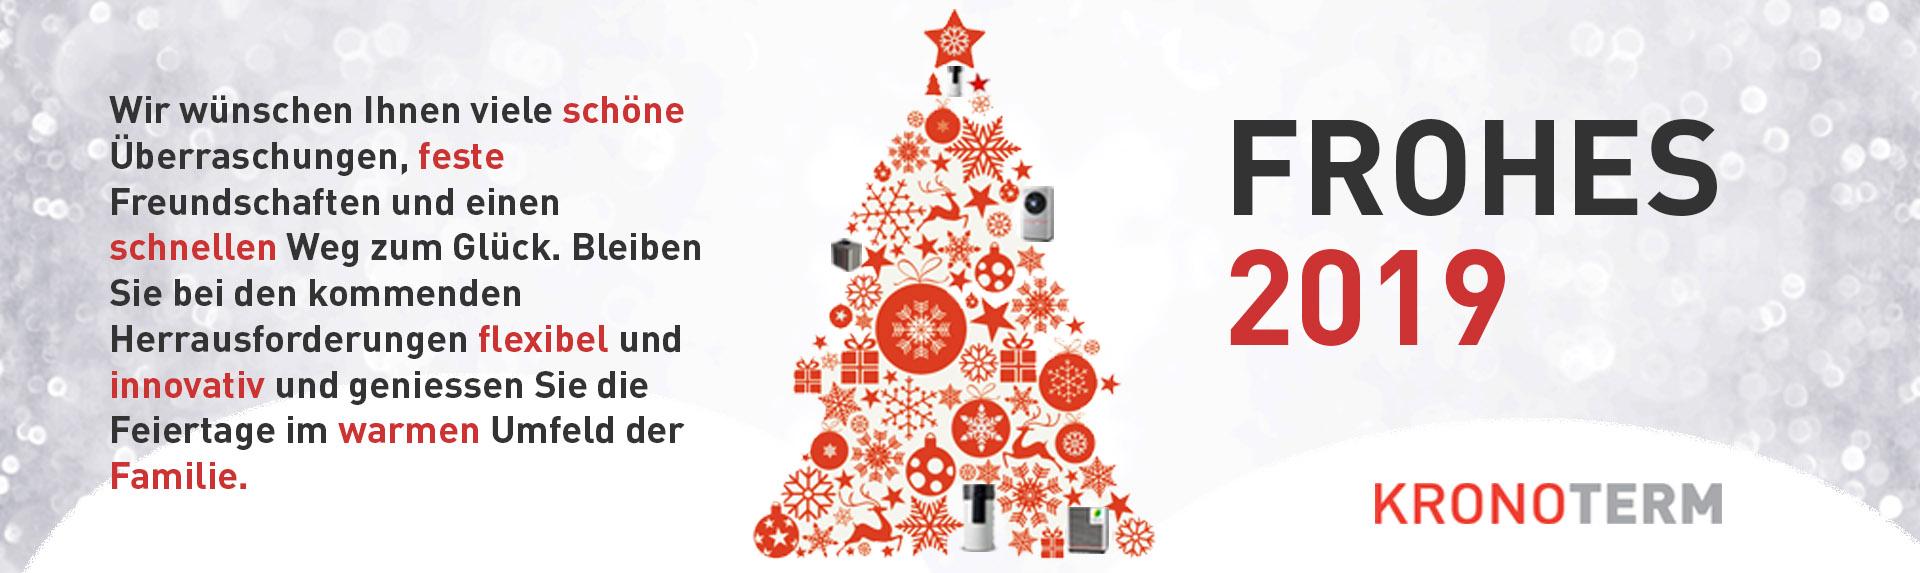 Frohe Weihnachten Und Schönes Neues Jahr.Frohe Weihnachten Und Ein Gutes Neues Jahr 2019 Kronoterm